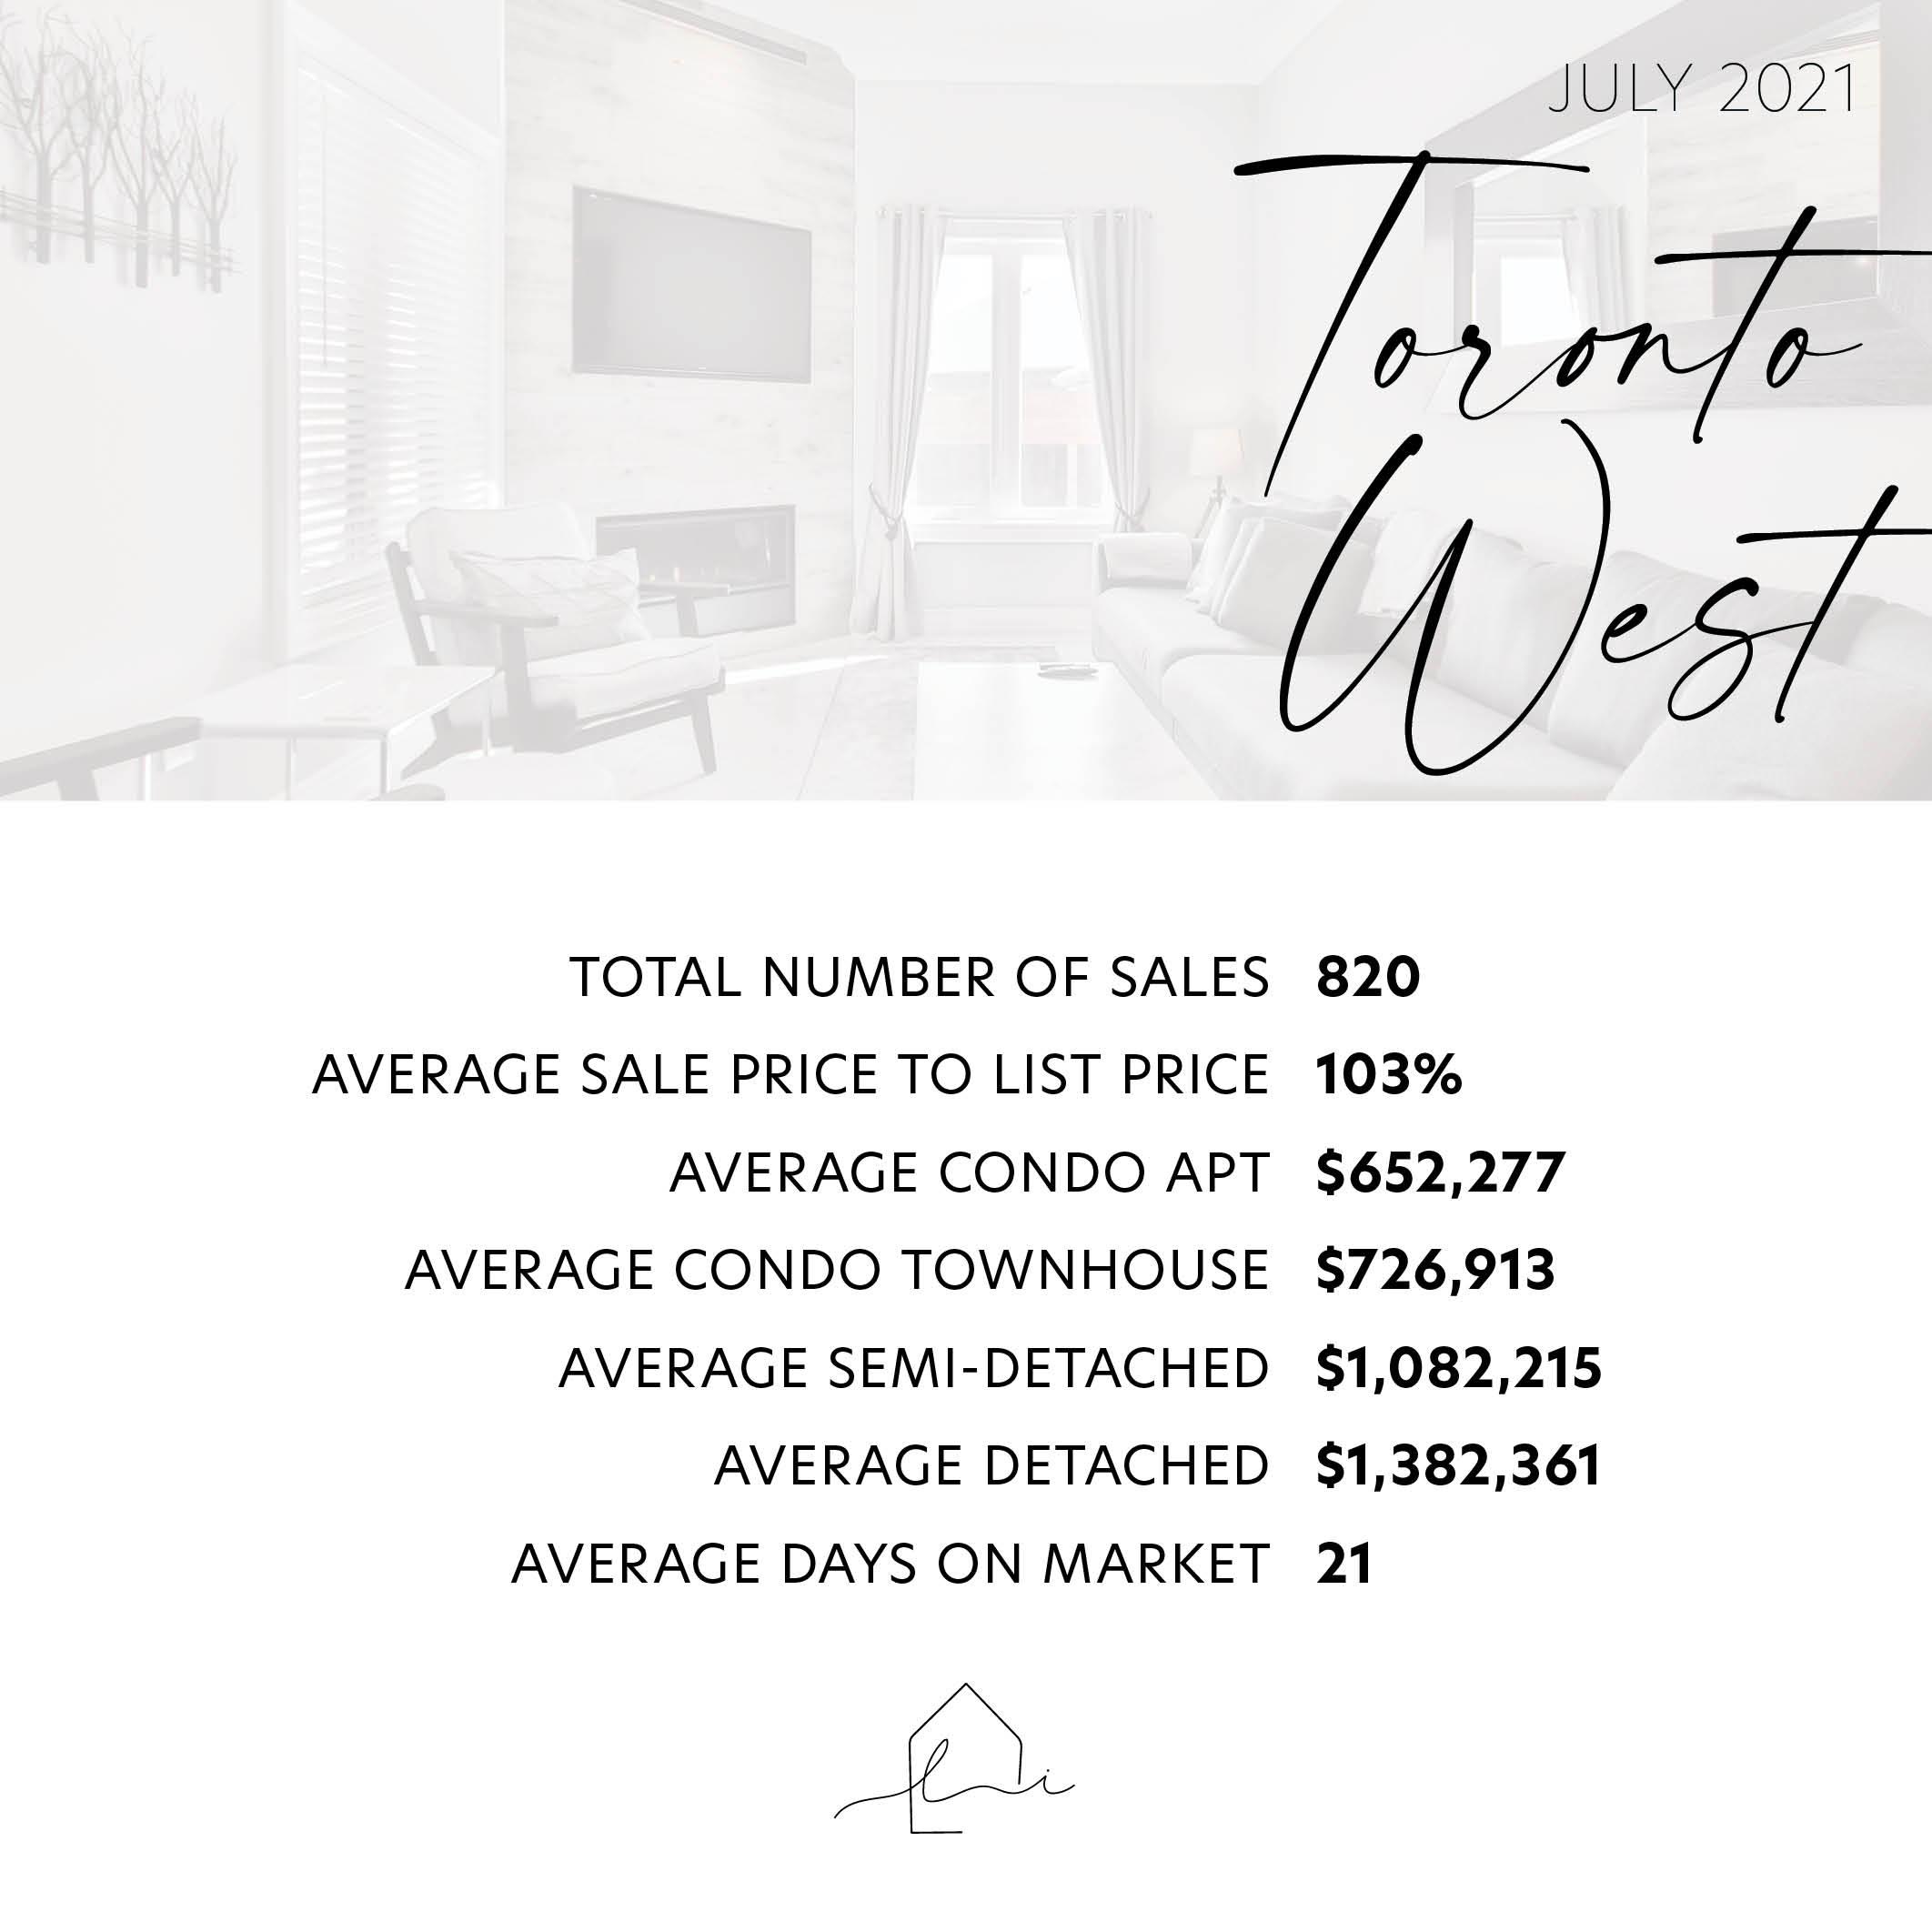 Toronto West July 2021 Statistics - Lara Stasiw Real Estate